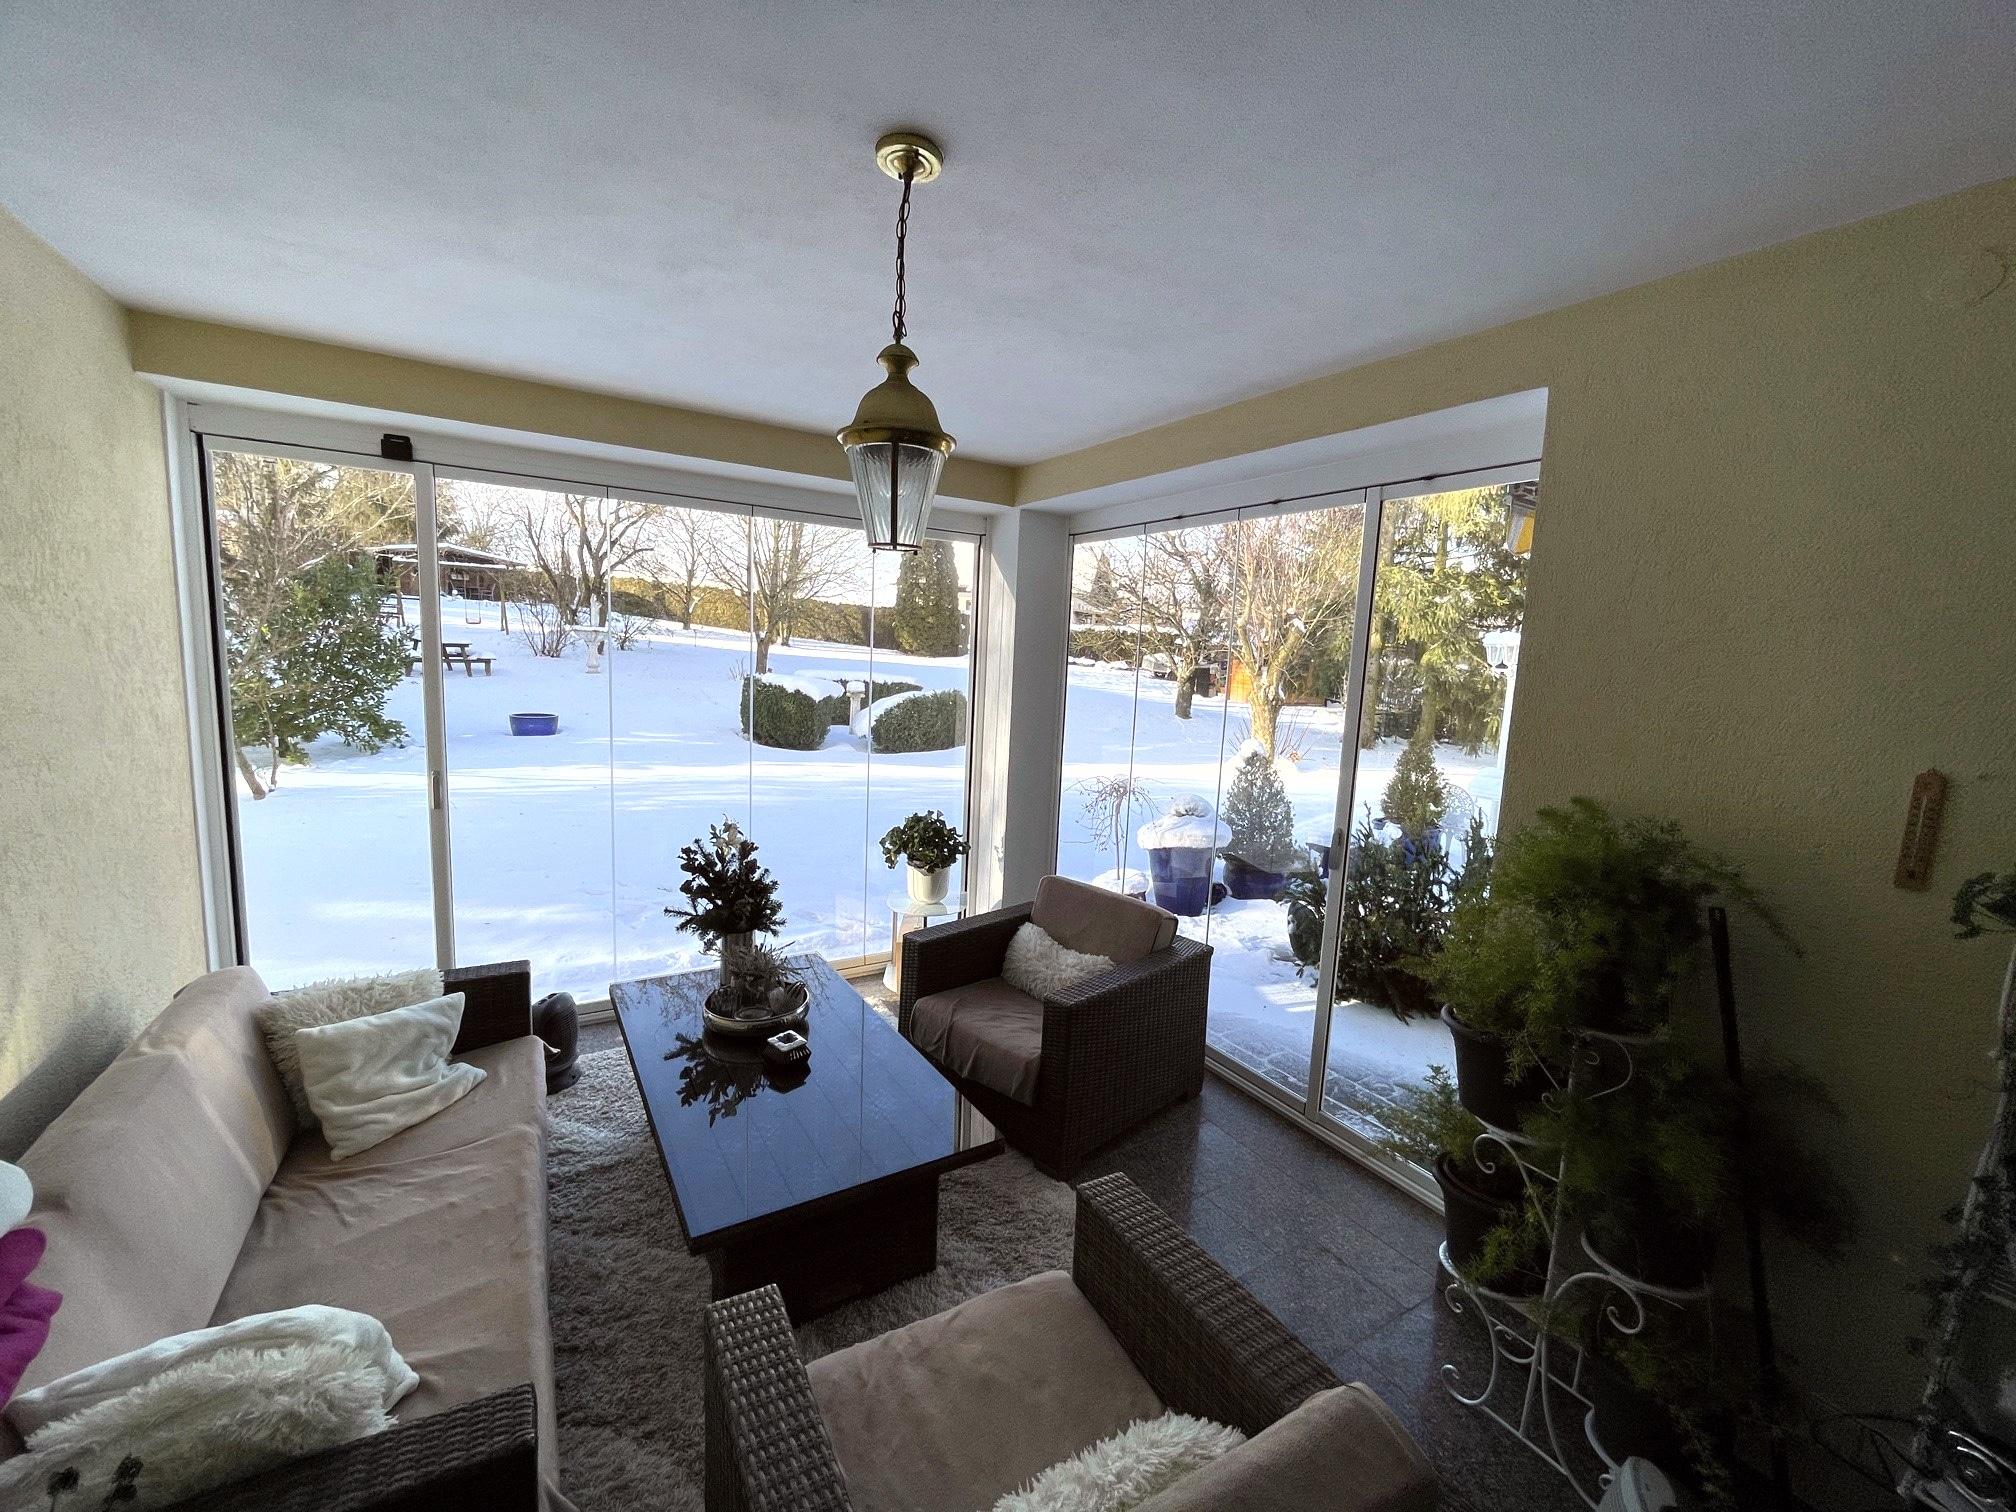 Wohnraumerweiterung Verglasungssysteme Sunflex